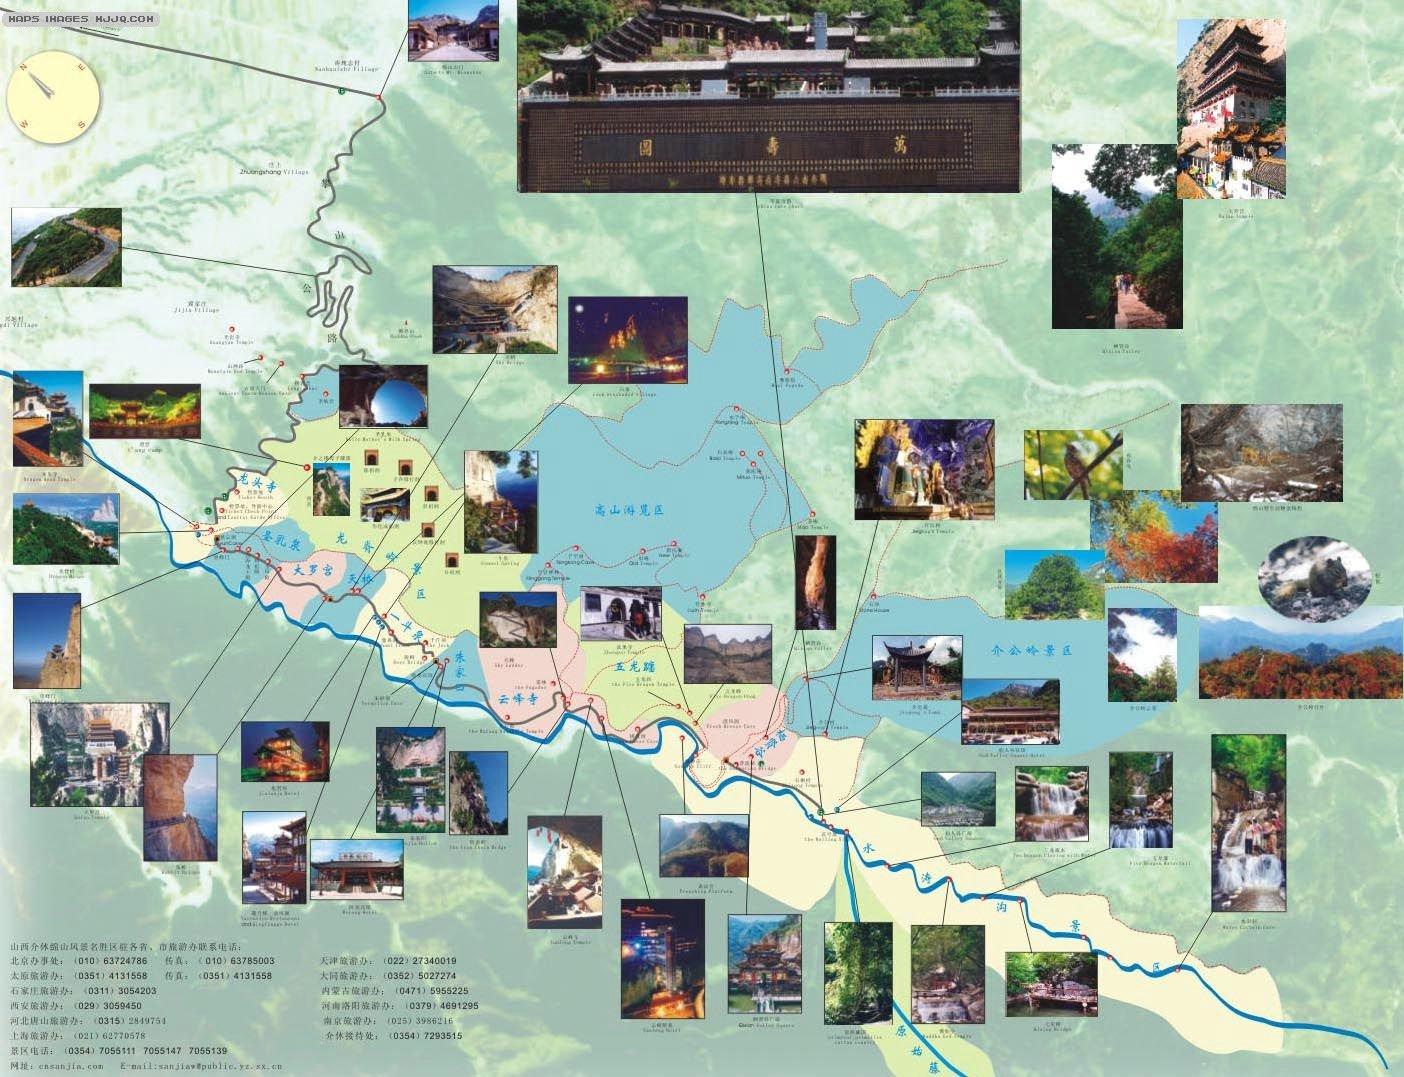 绵山旅游地图_山西其他地图查询